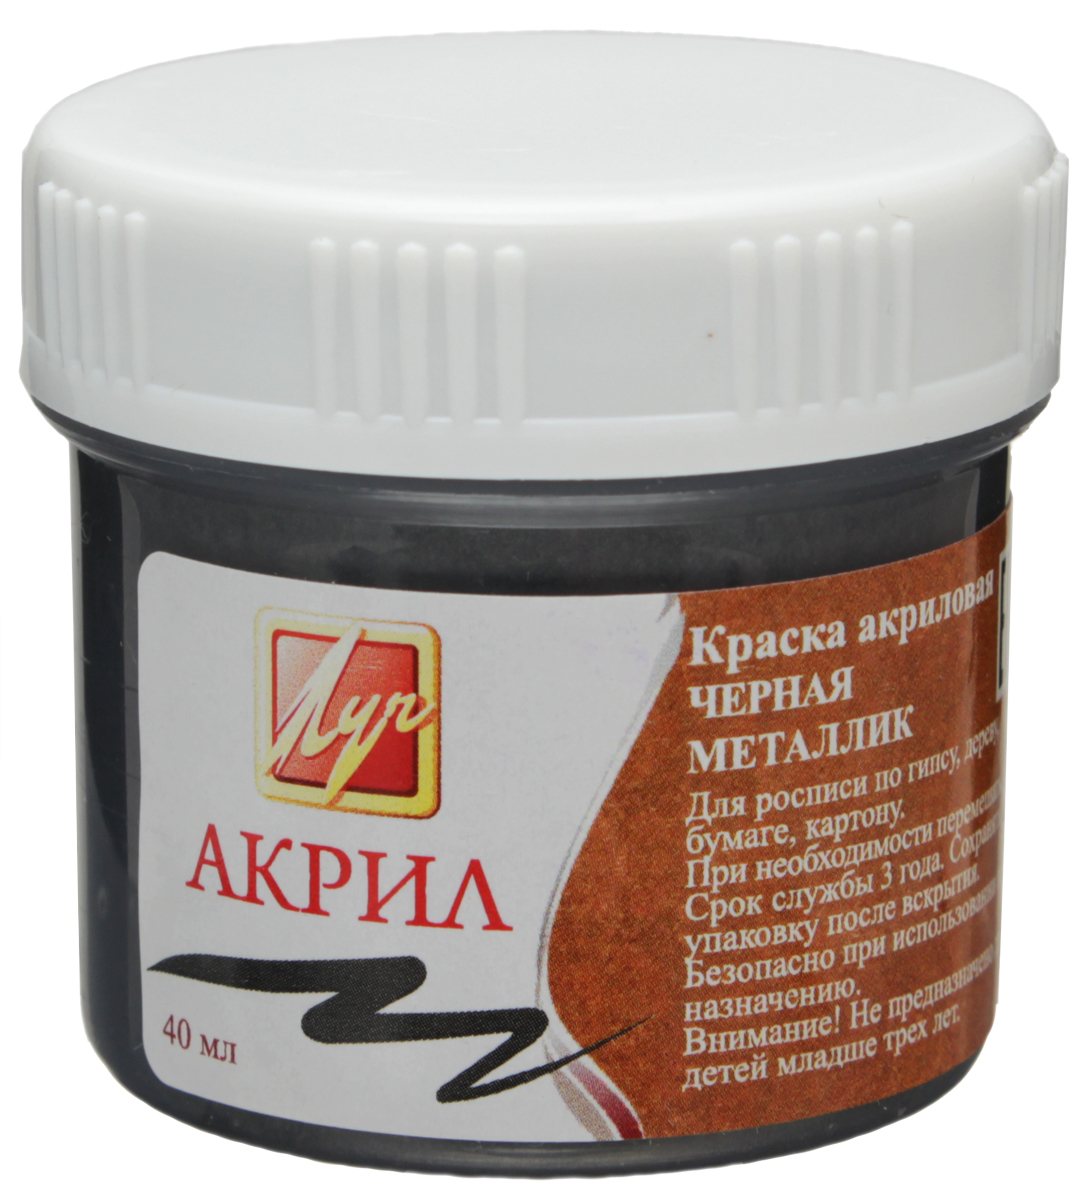 Луч Краска акриловая металлик цвет черный 40 млCS-MC400-106715Акриловые краски - универсальный материал для творчества. Акриловые краски, как и акварельные, легко разбавляются водой, но после высыхания их уже нельзя размочить, и в этом акрилы сходны с темперой. Акриловые краски применяются в дизайн-графике, рекламе, оформительском искусстве.Акриловые краски быстросохнущие; обладают отличной адгезией; имеют превосходную кроющую способность; равномерно наносятся; имеют хорошую светостойкость; прекрасно смешиваются между собой; после высыхания образуют несмываемую пленку; красочный слой эластичен, прочен и долговечен.